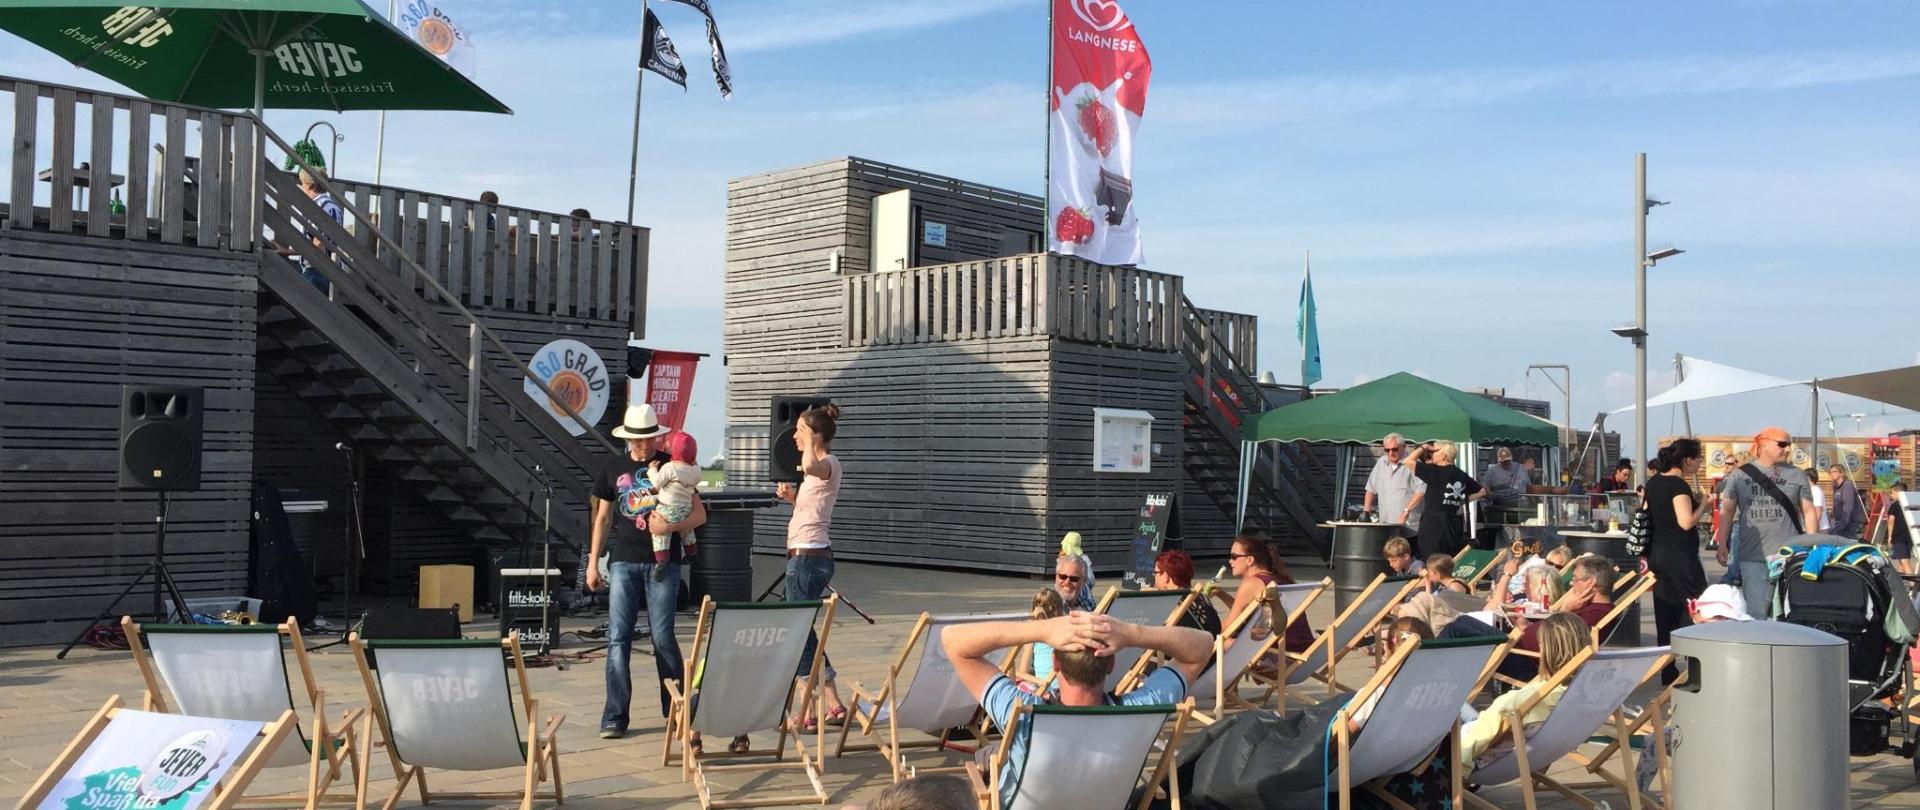 Büsum Perlebucht Strandbar Veranstaltung.JPG